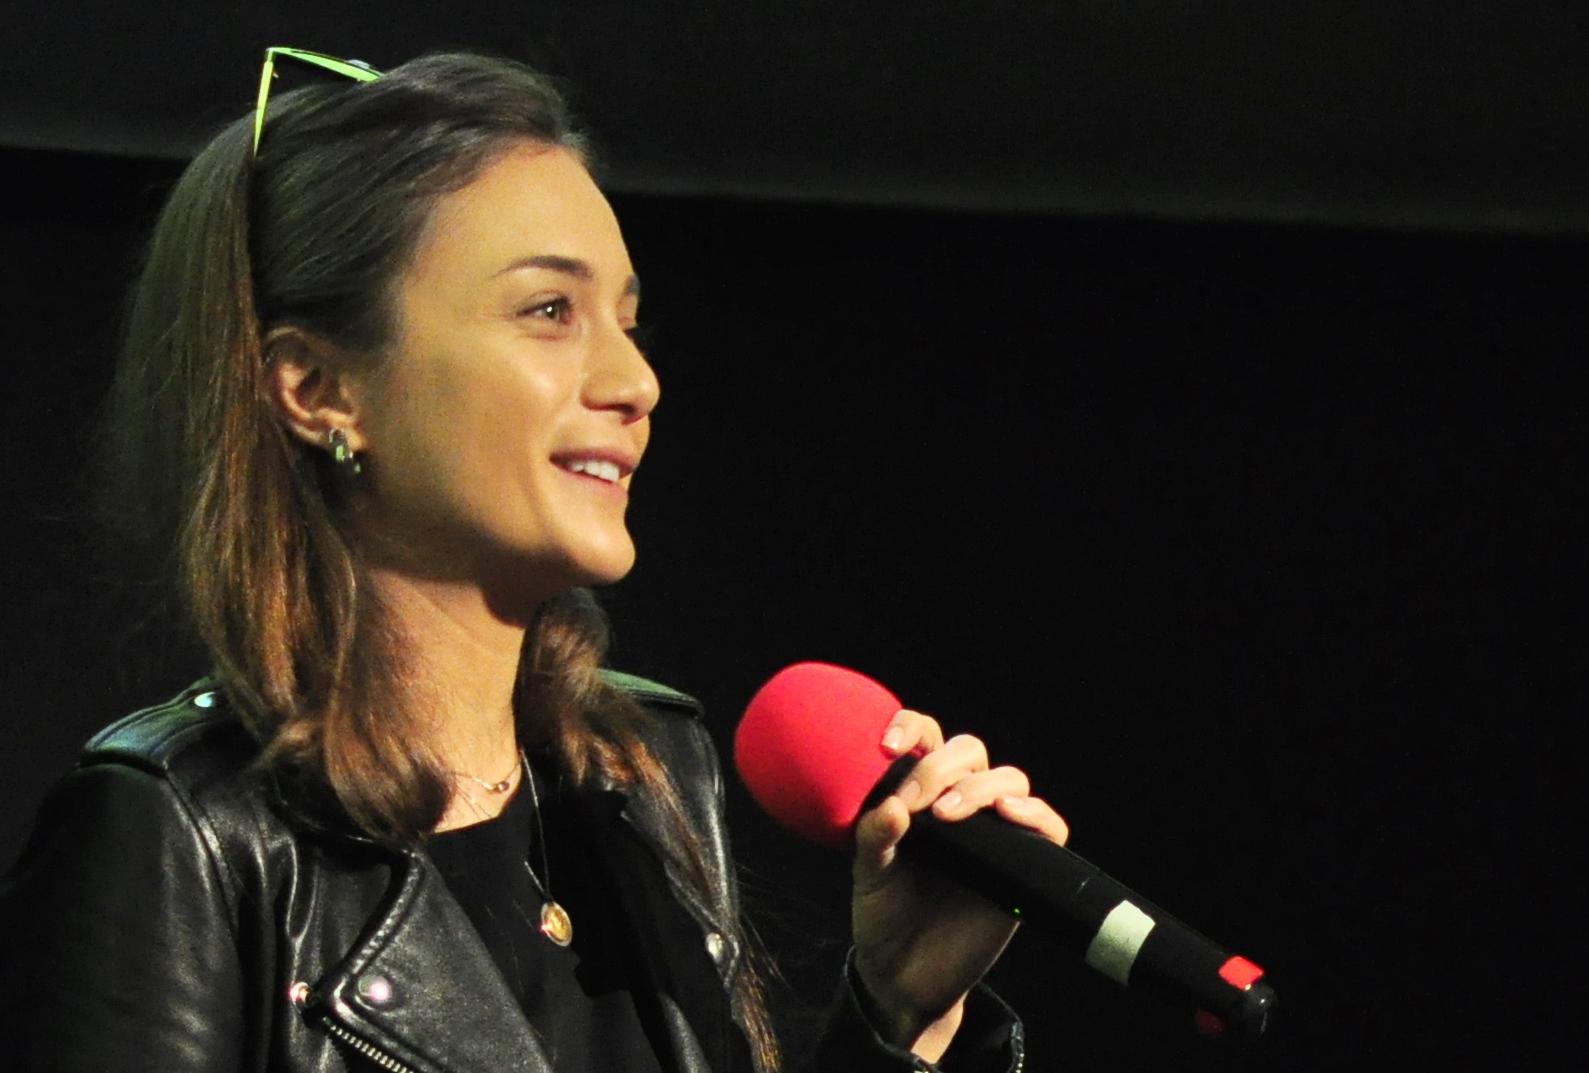 Damla Sonmez is an accomplished Turkish actress